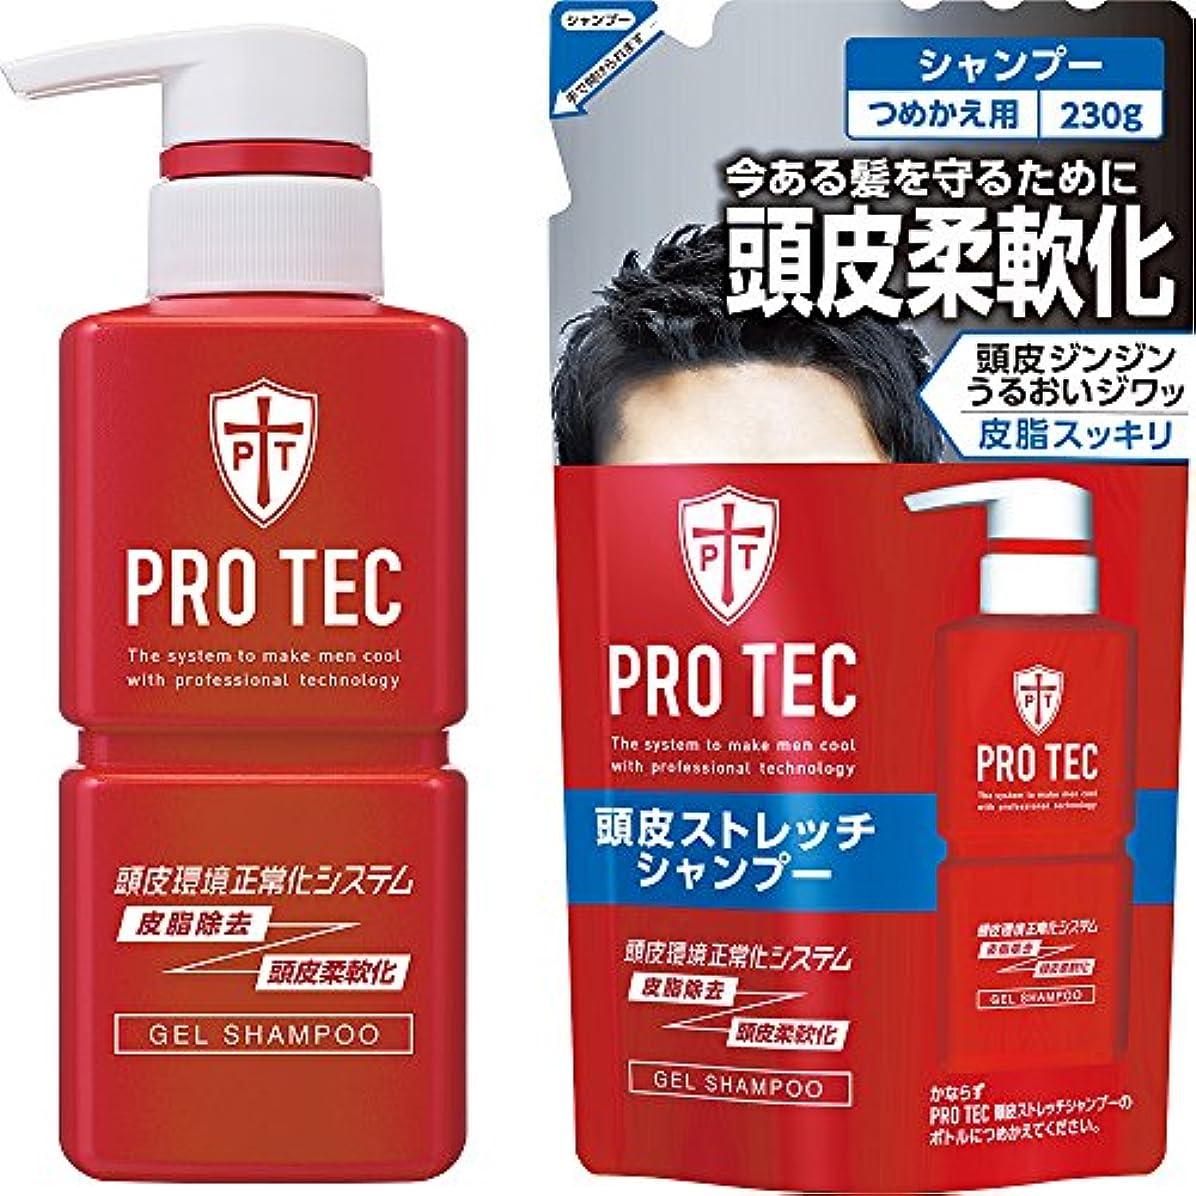 性格アプライアンス算術PRO TEC(プロテク) 頭皮ストレッチシャンプー 本体ポンプ300g+詰め替え230g セット(医薬部外品)